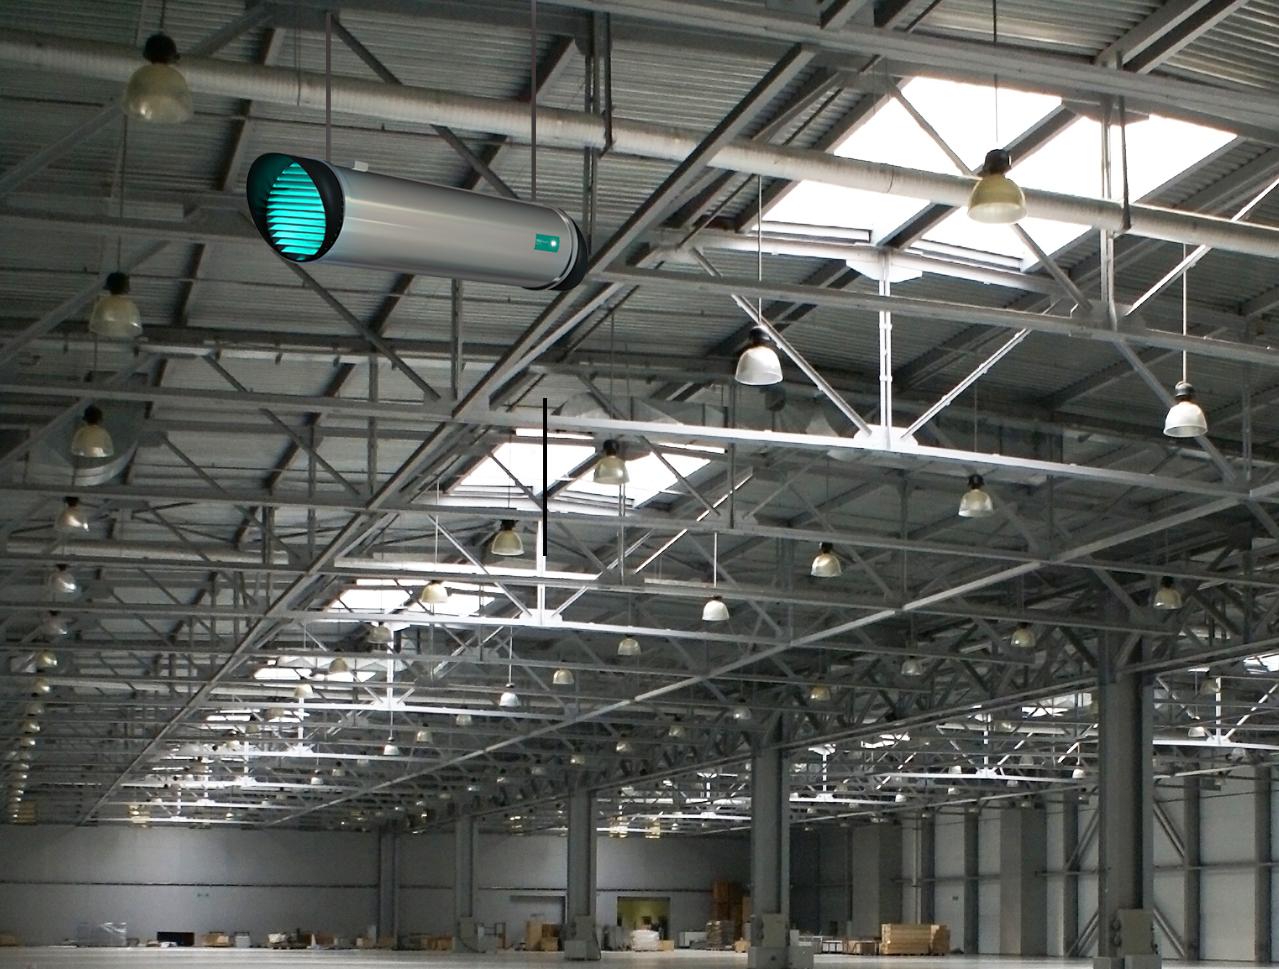 Die Montage des Cleaning Air T1000 erfolgt über zwei Stahlseile an der Decke des Raumes.